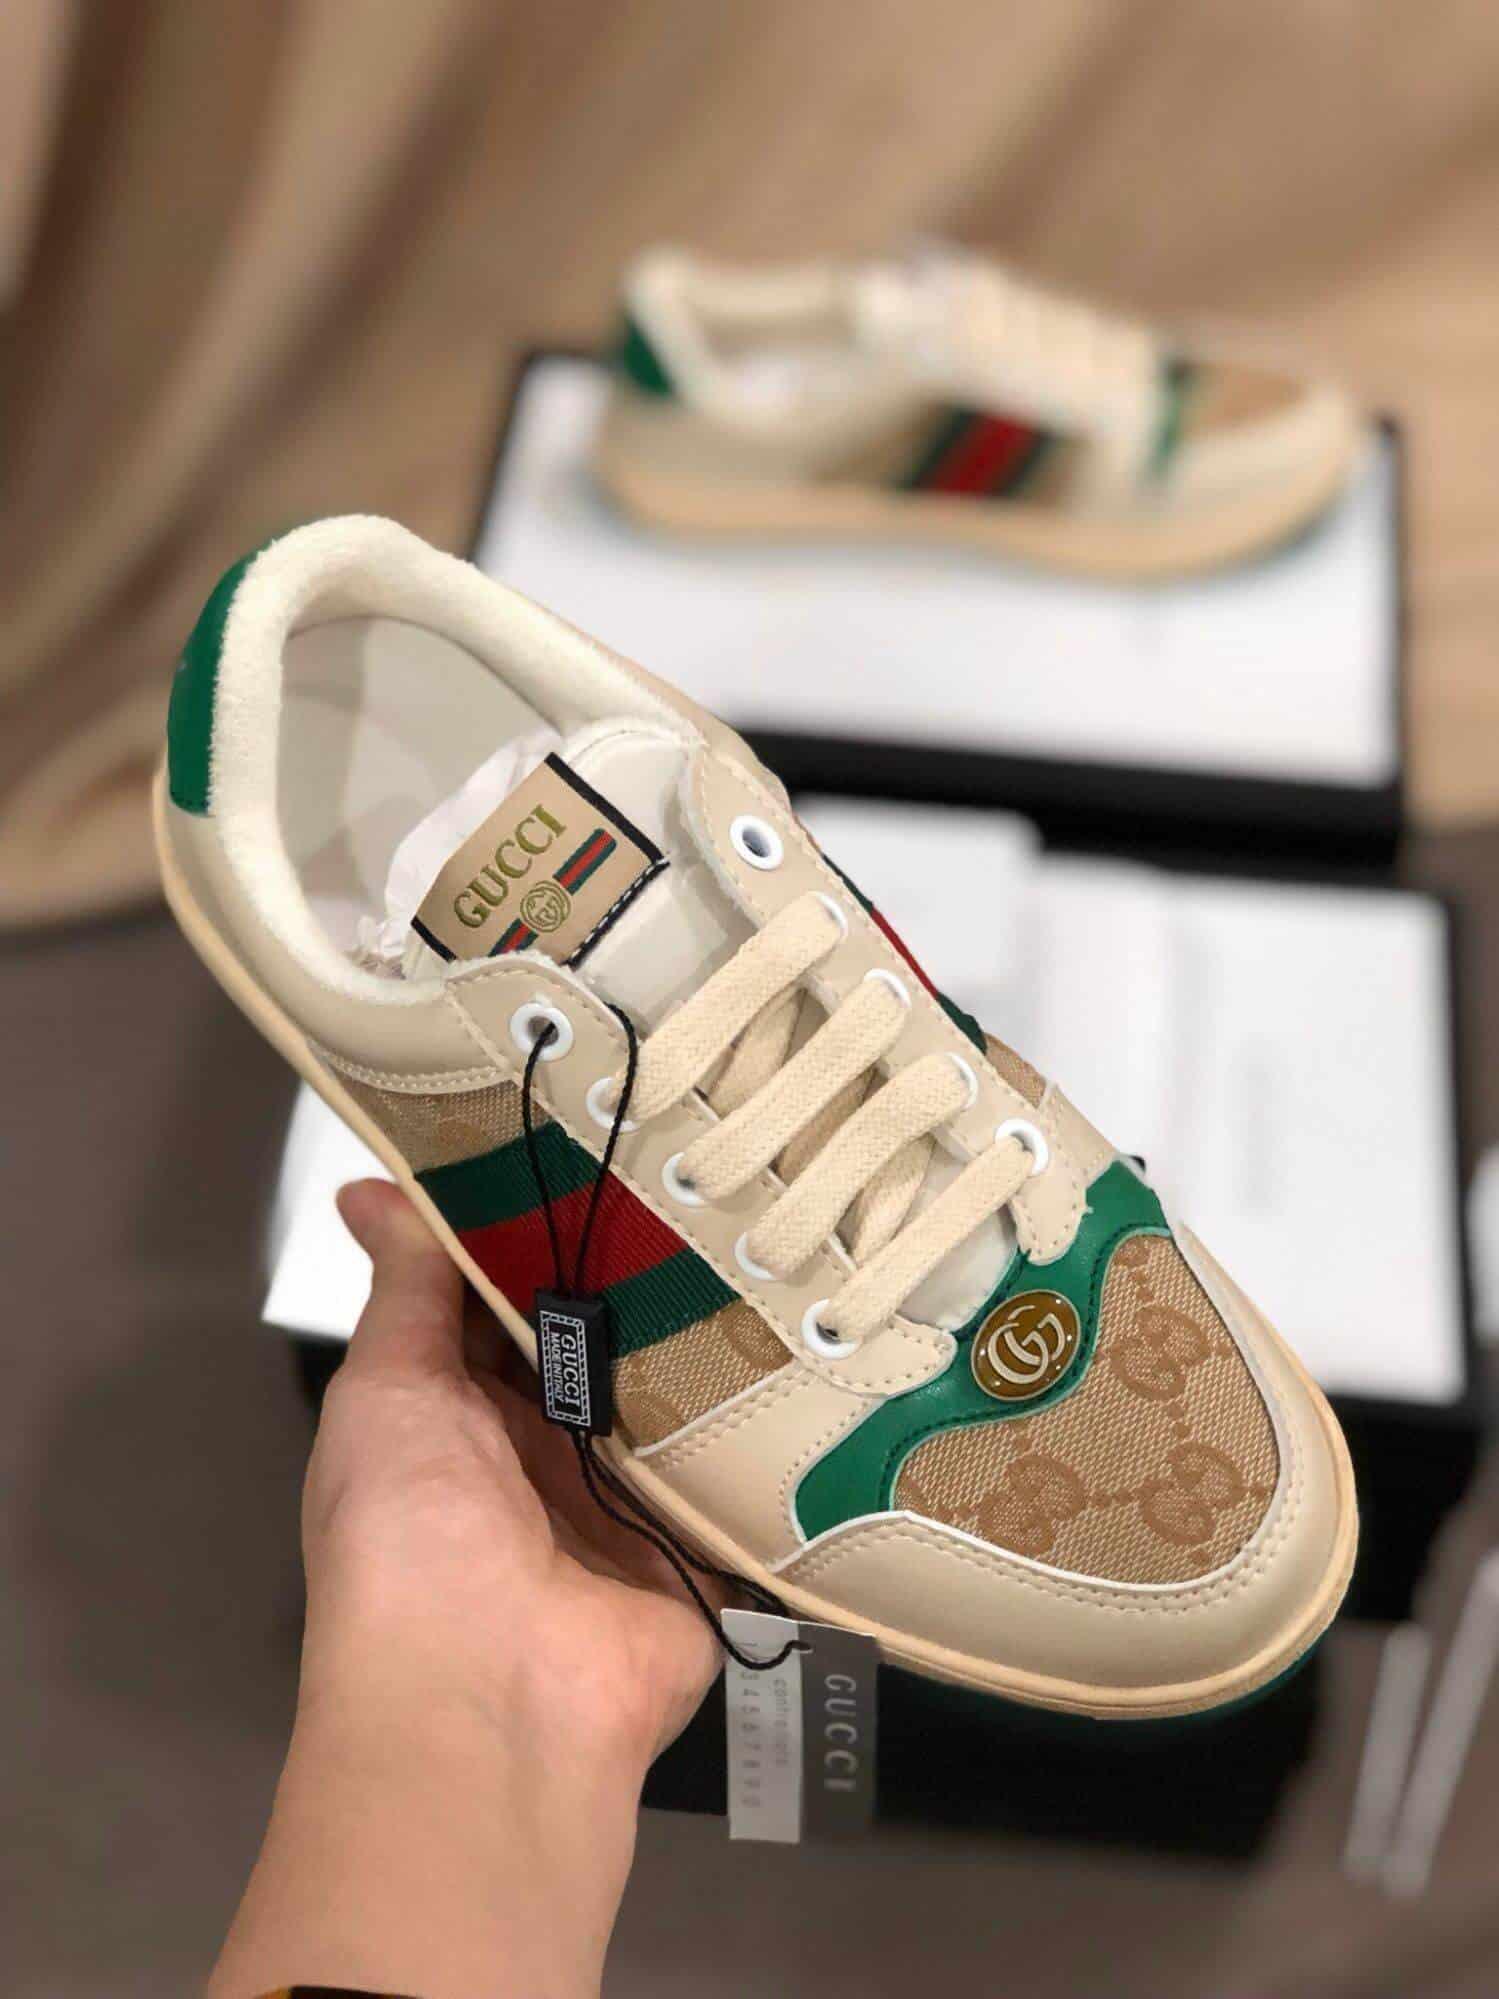 Giày Gucci Sreen Leather là mẫu được nhiều bạn săn đón